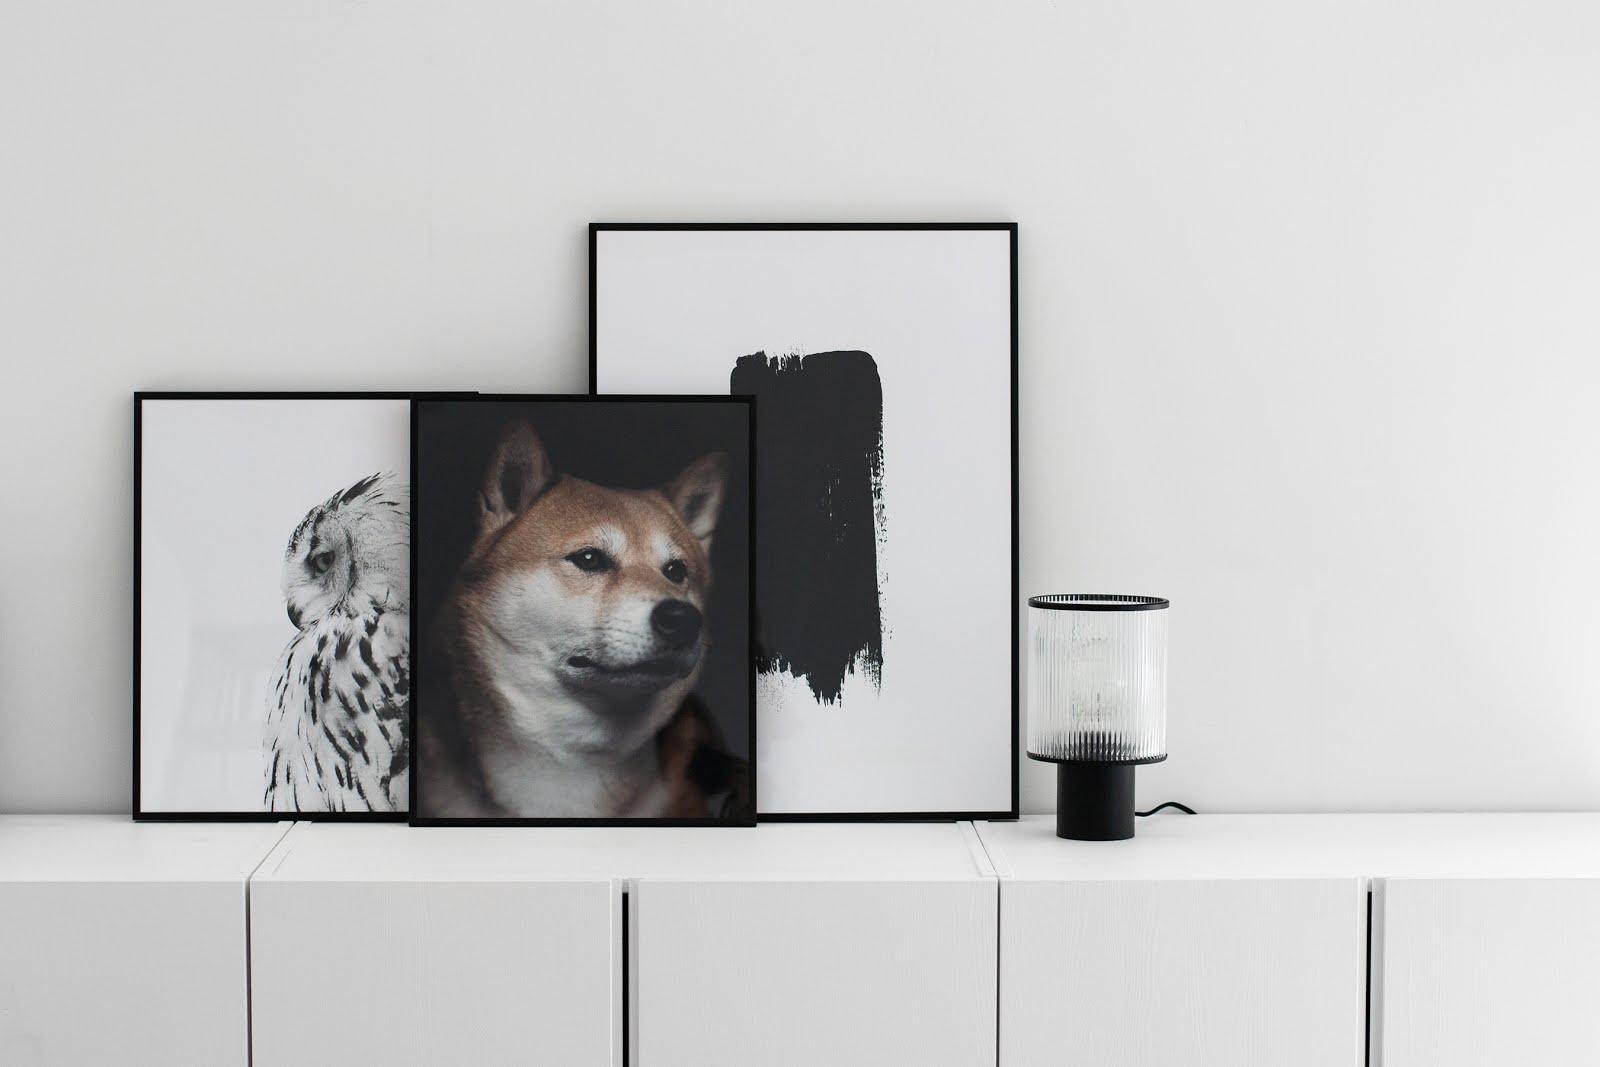 poster store, posters, snow owl, minimalist, minimal interior, interieur, foto's, muurdecoratie, black white, zwart wit